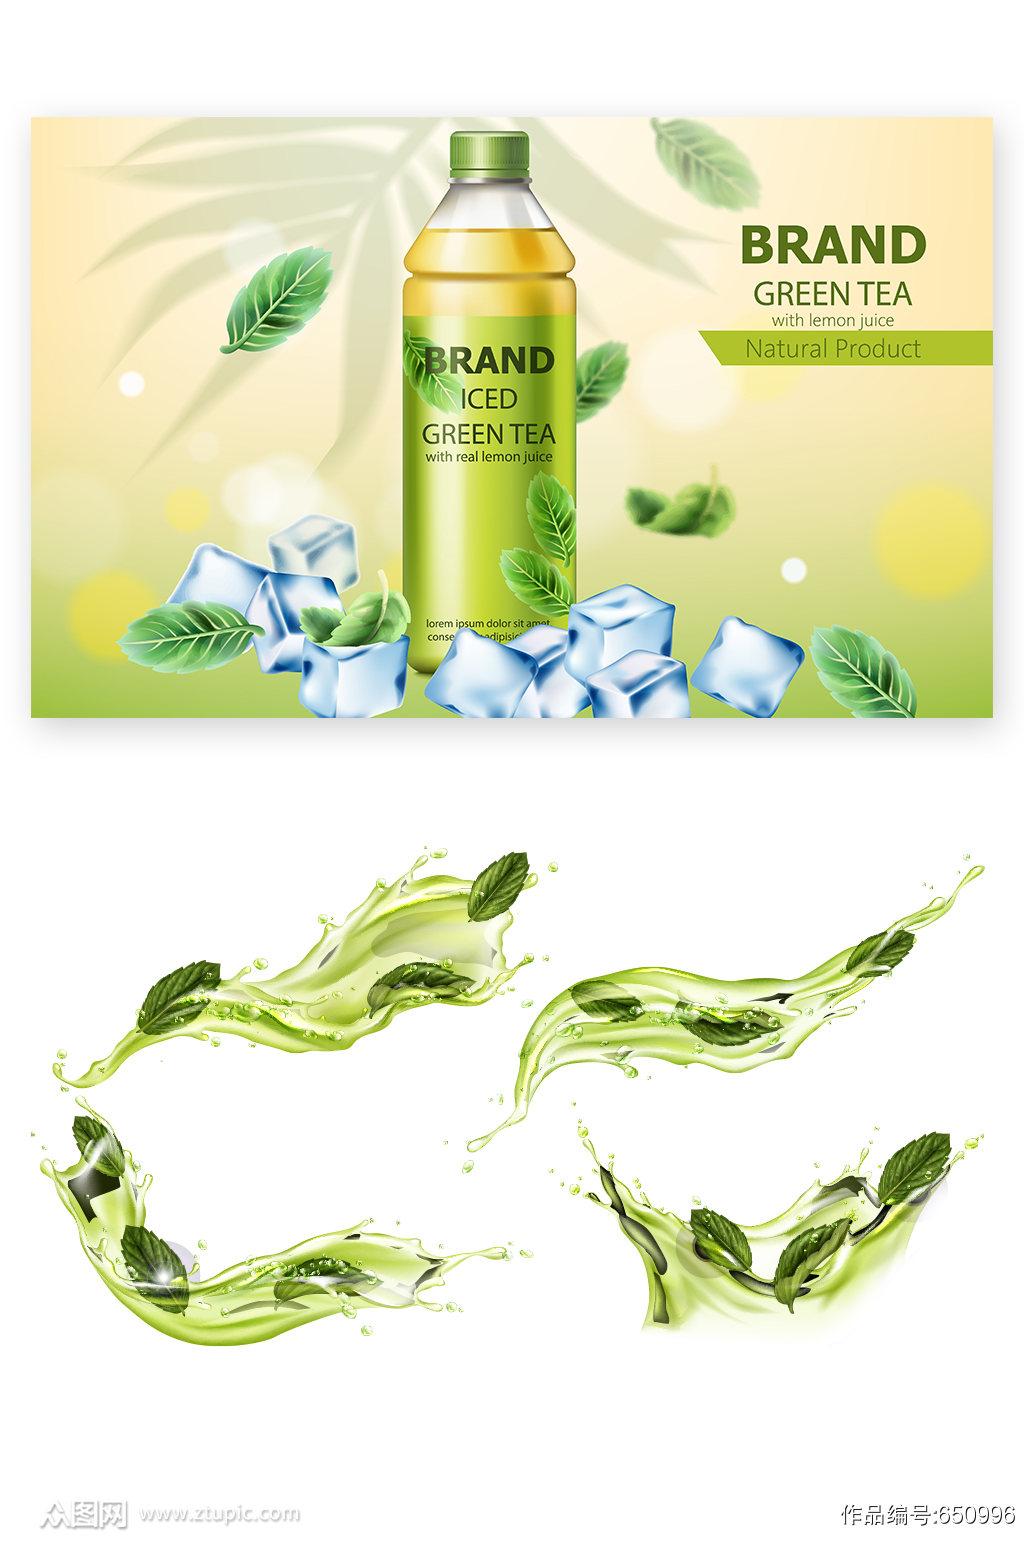 绿茶饮品海报矢量元素素材